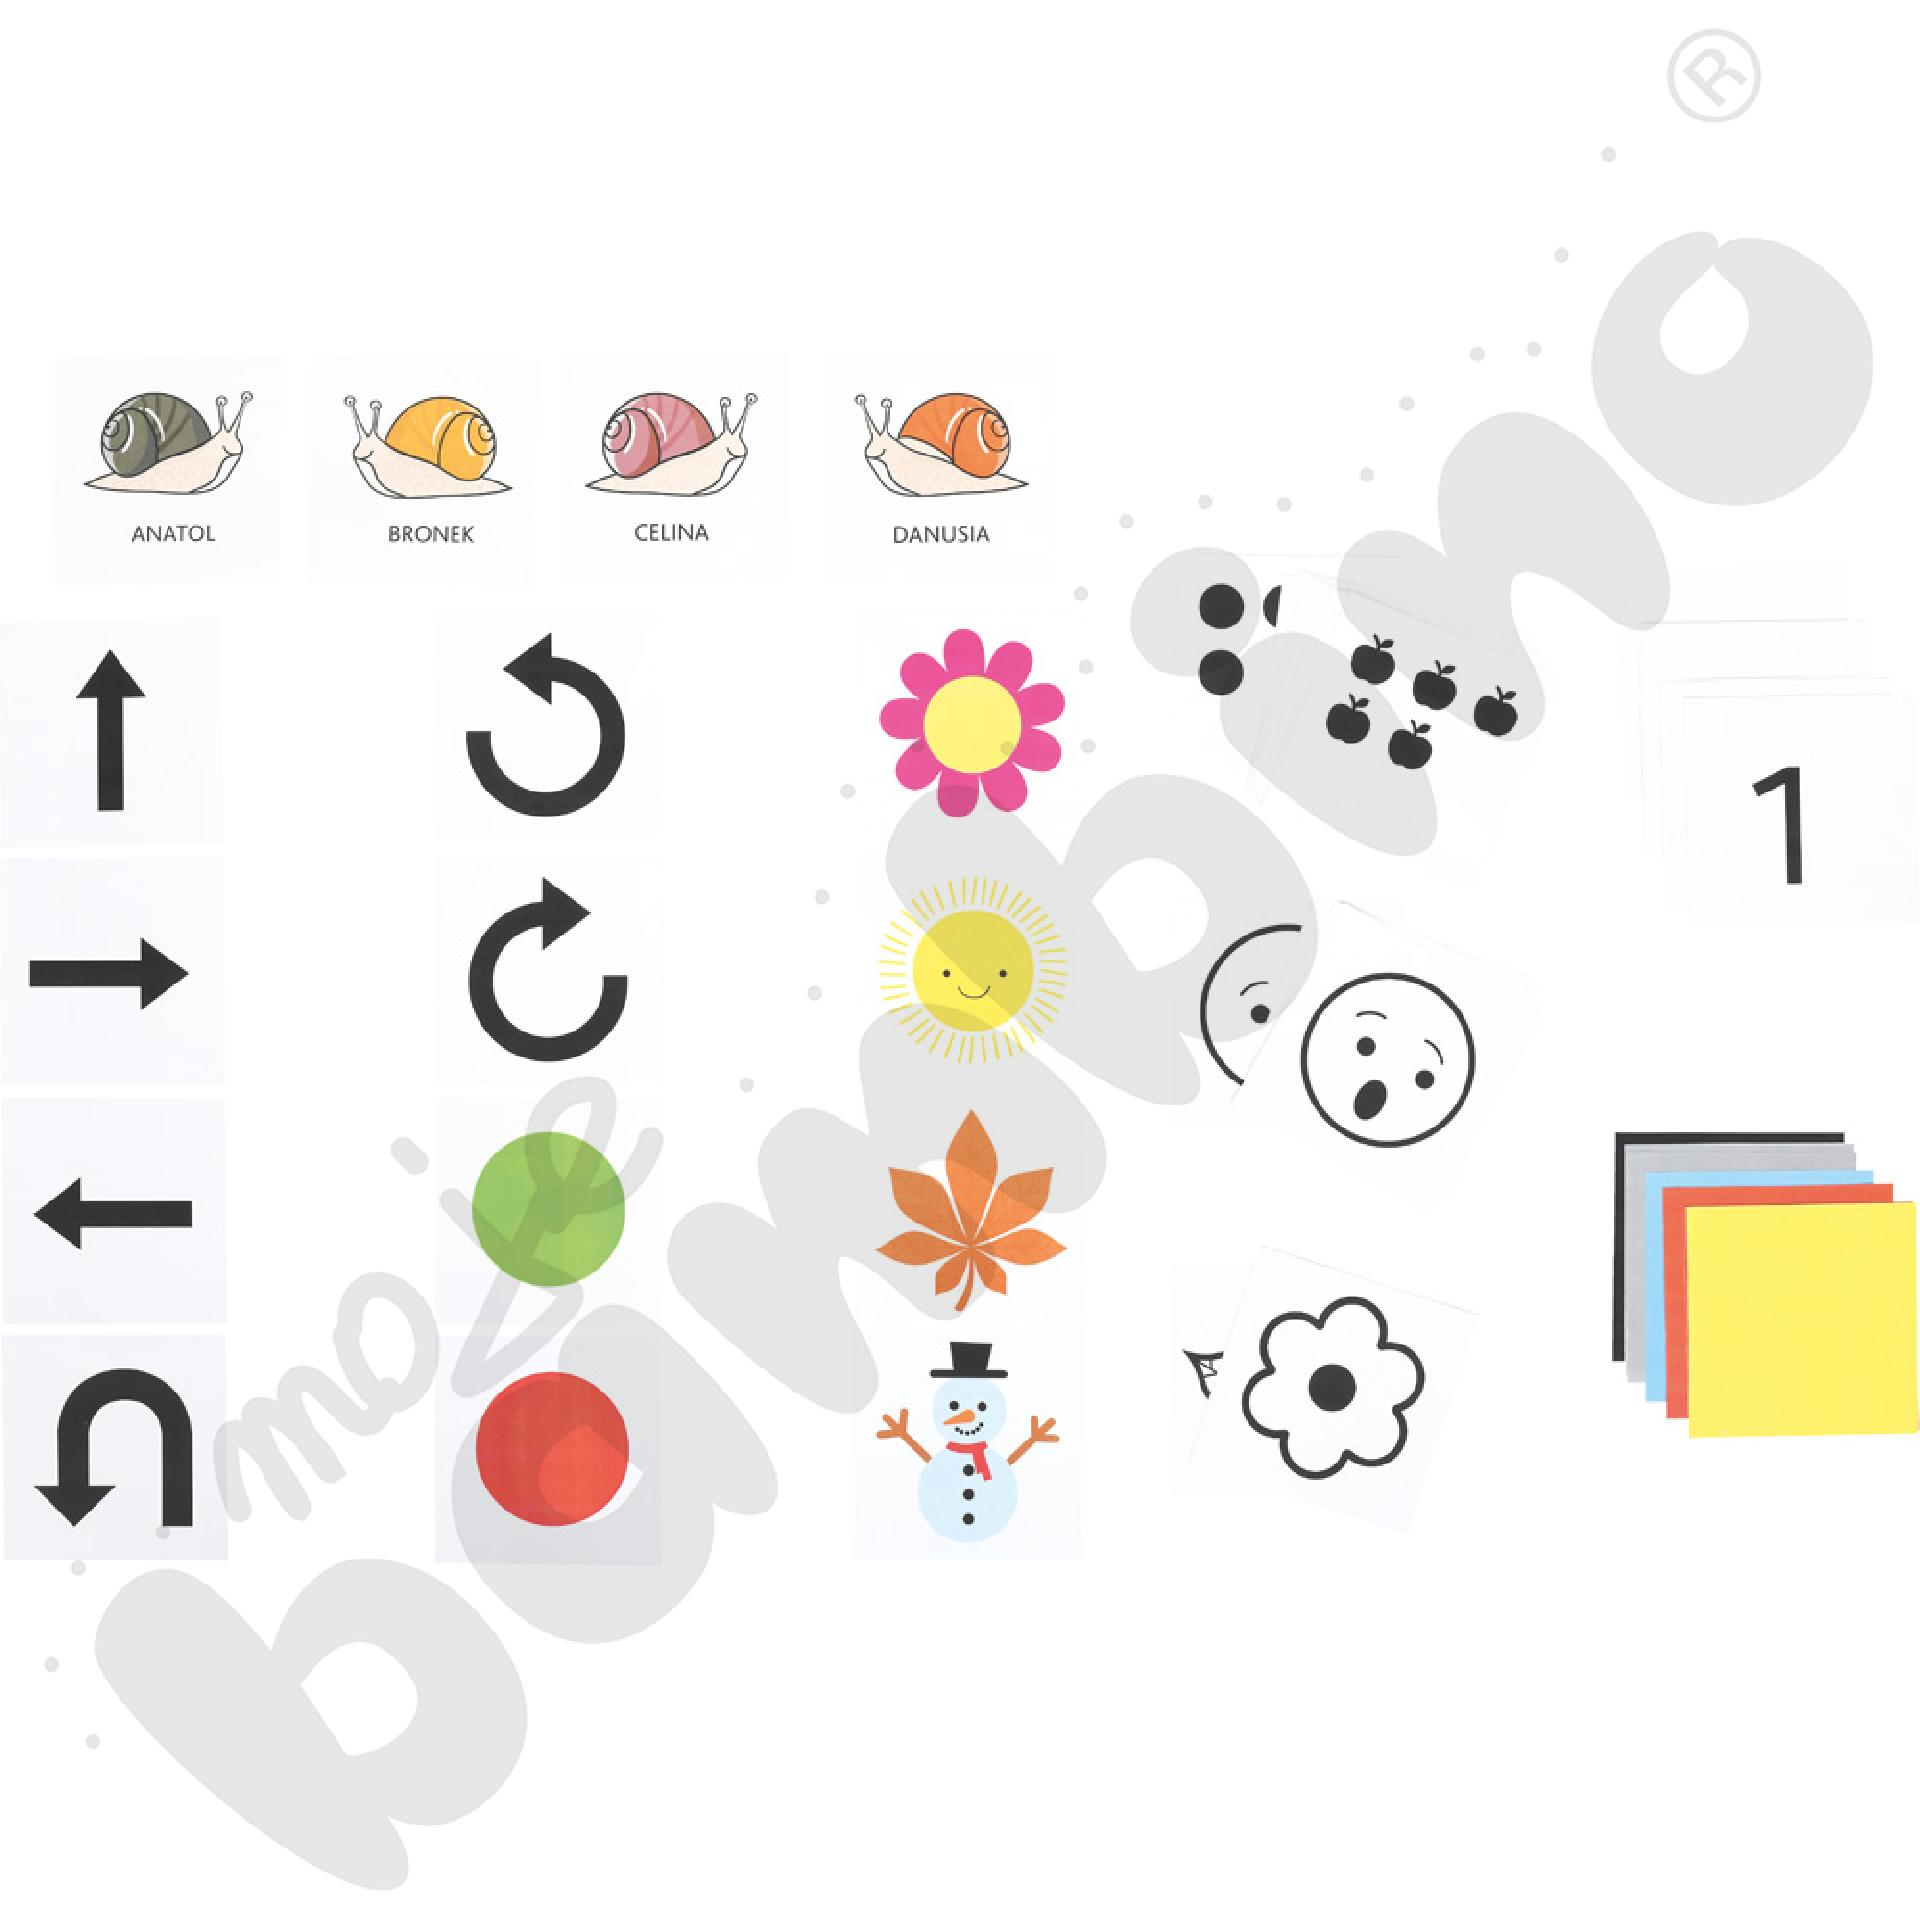 ABCD programowania - Plansza edukacyjna z pakietem ogólnym klocków ruchu do programowania